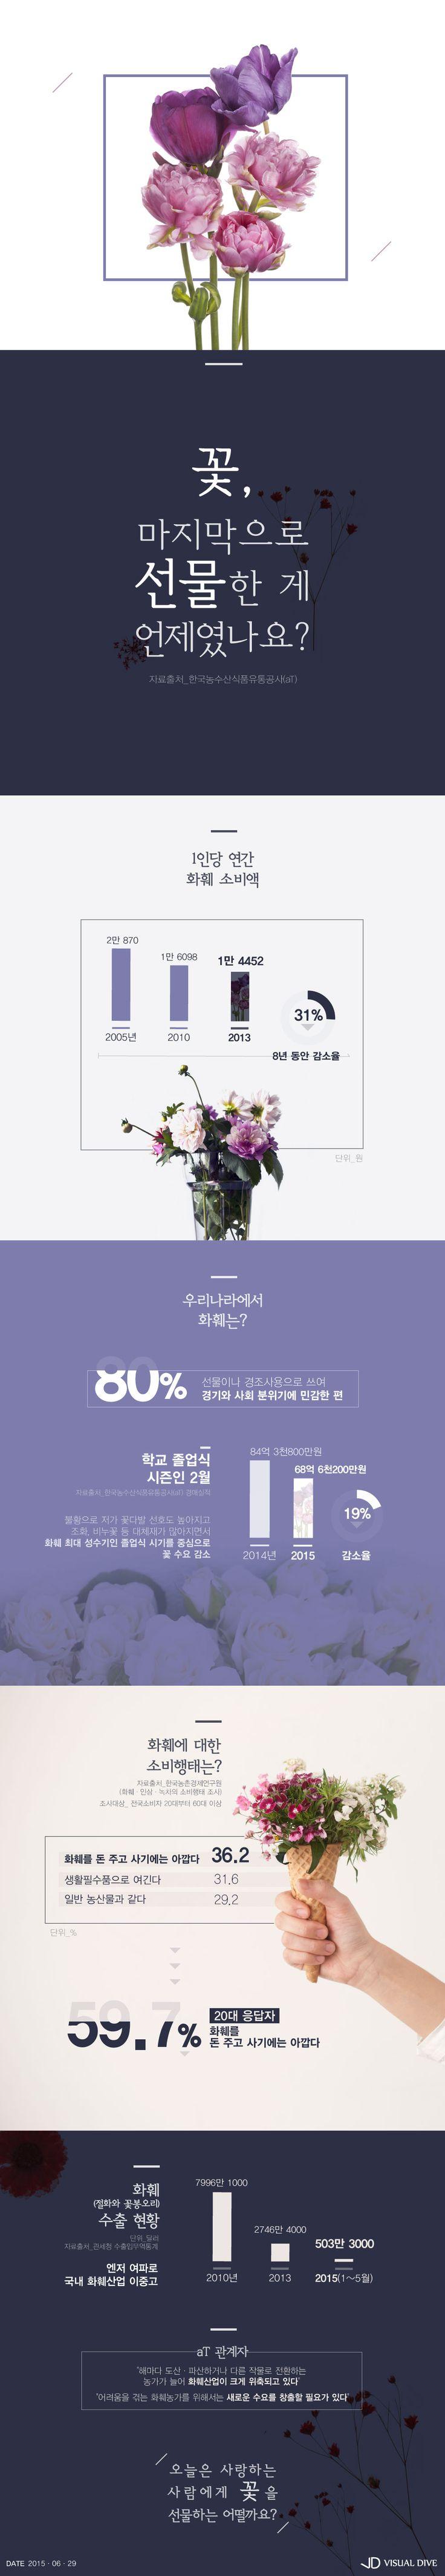 꽃을 든 남자 어디갔나.. 불황에 꽃 소비 부진 [인포그래픽] #Flower / #Infographic ⓒ 비주얼다이브 무단 복사·전재·재배포…